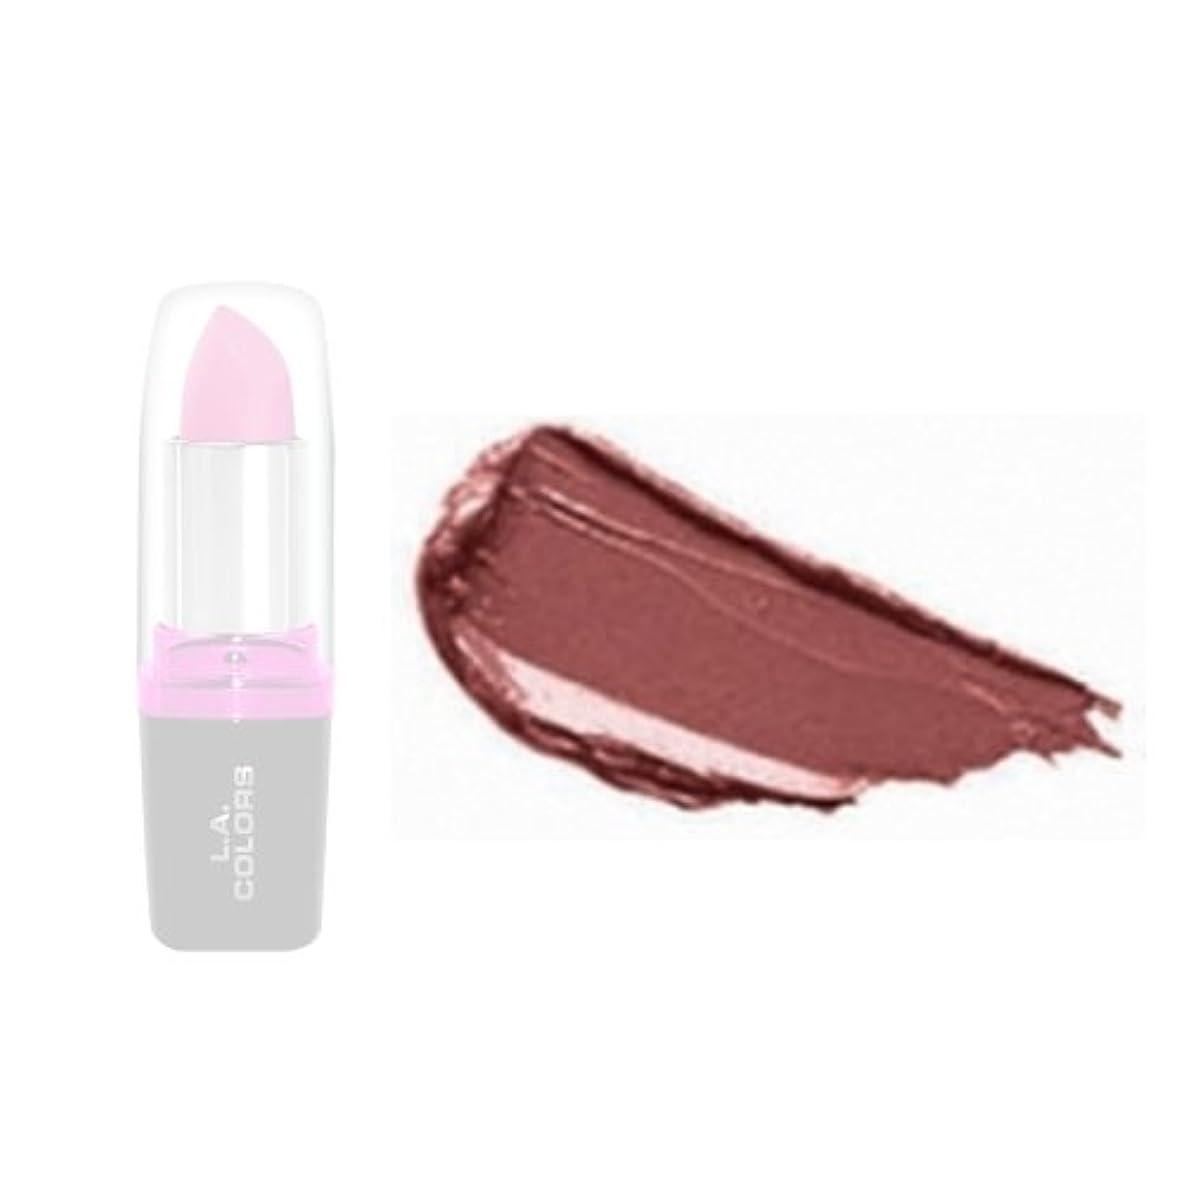 柔らかさモスク同じ(6 Pack) LA Colors Hydrating Lipstick - Mauvey (並行輸入品)